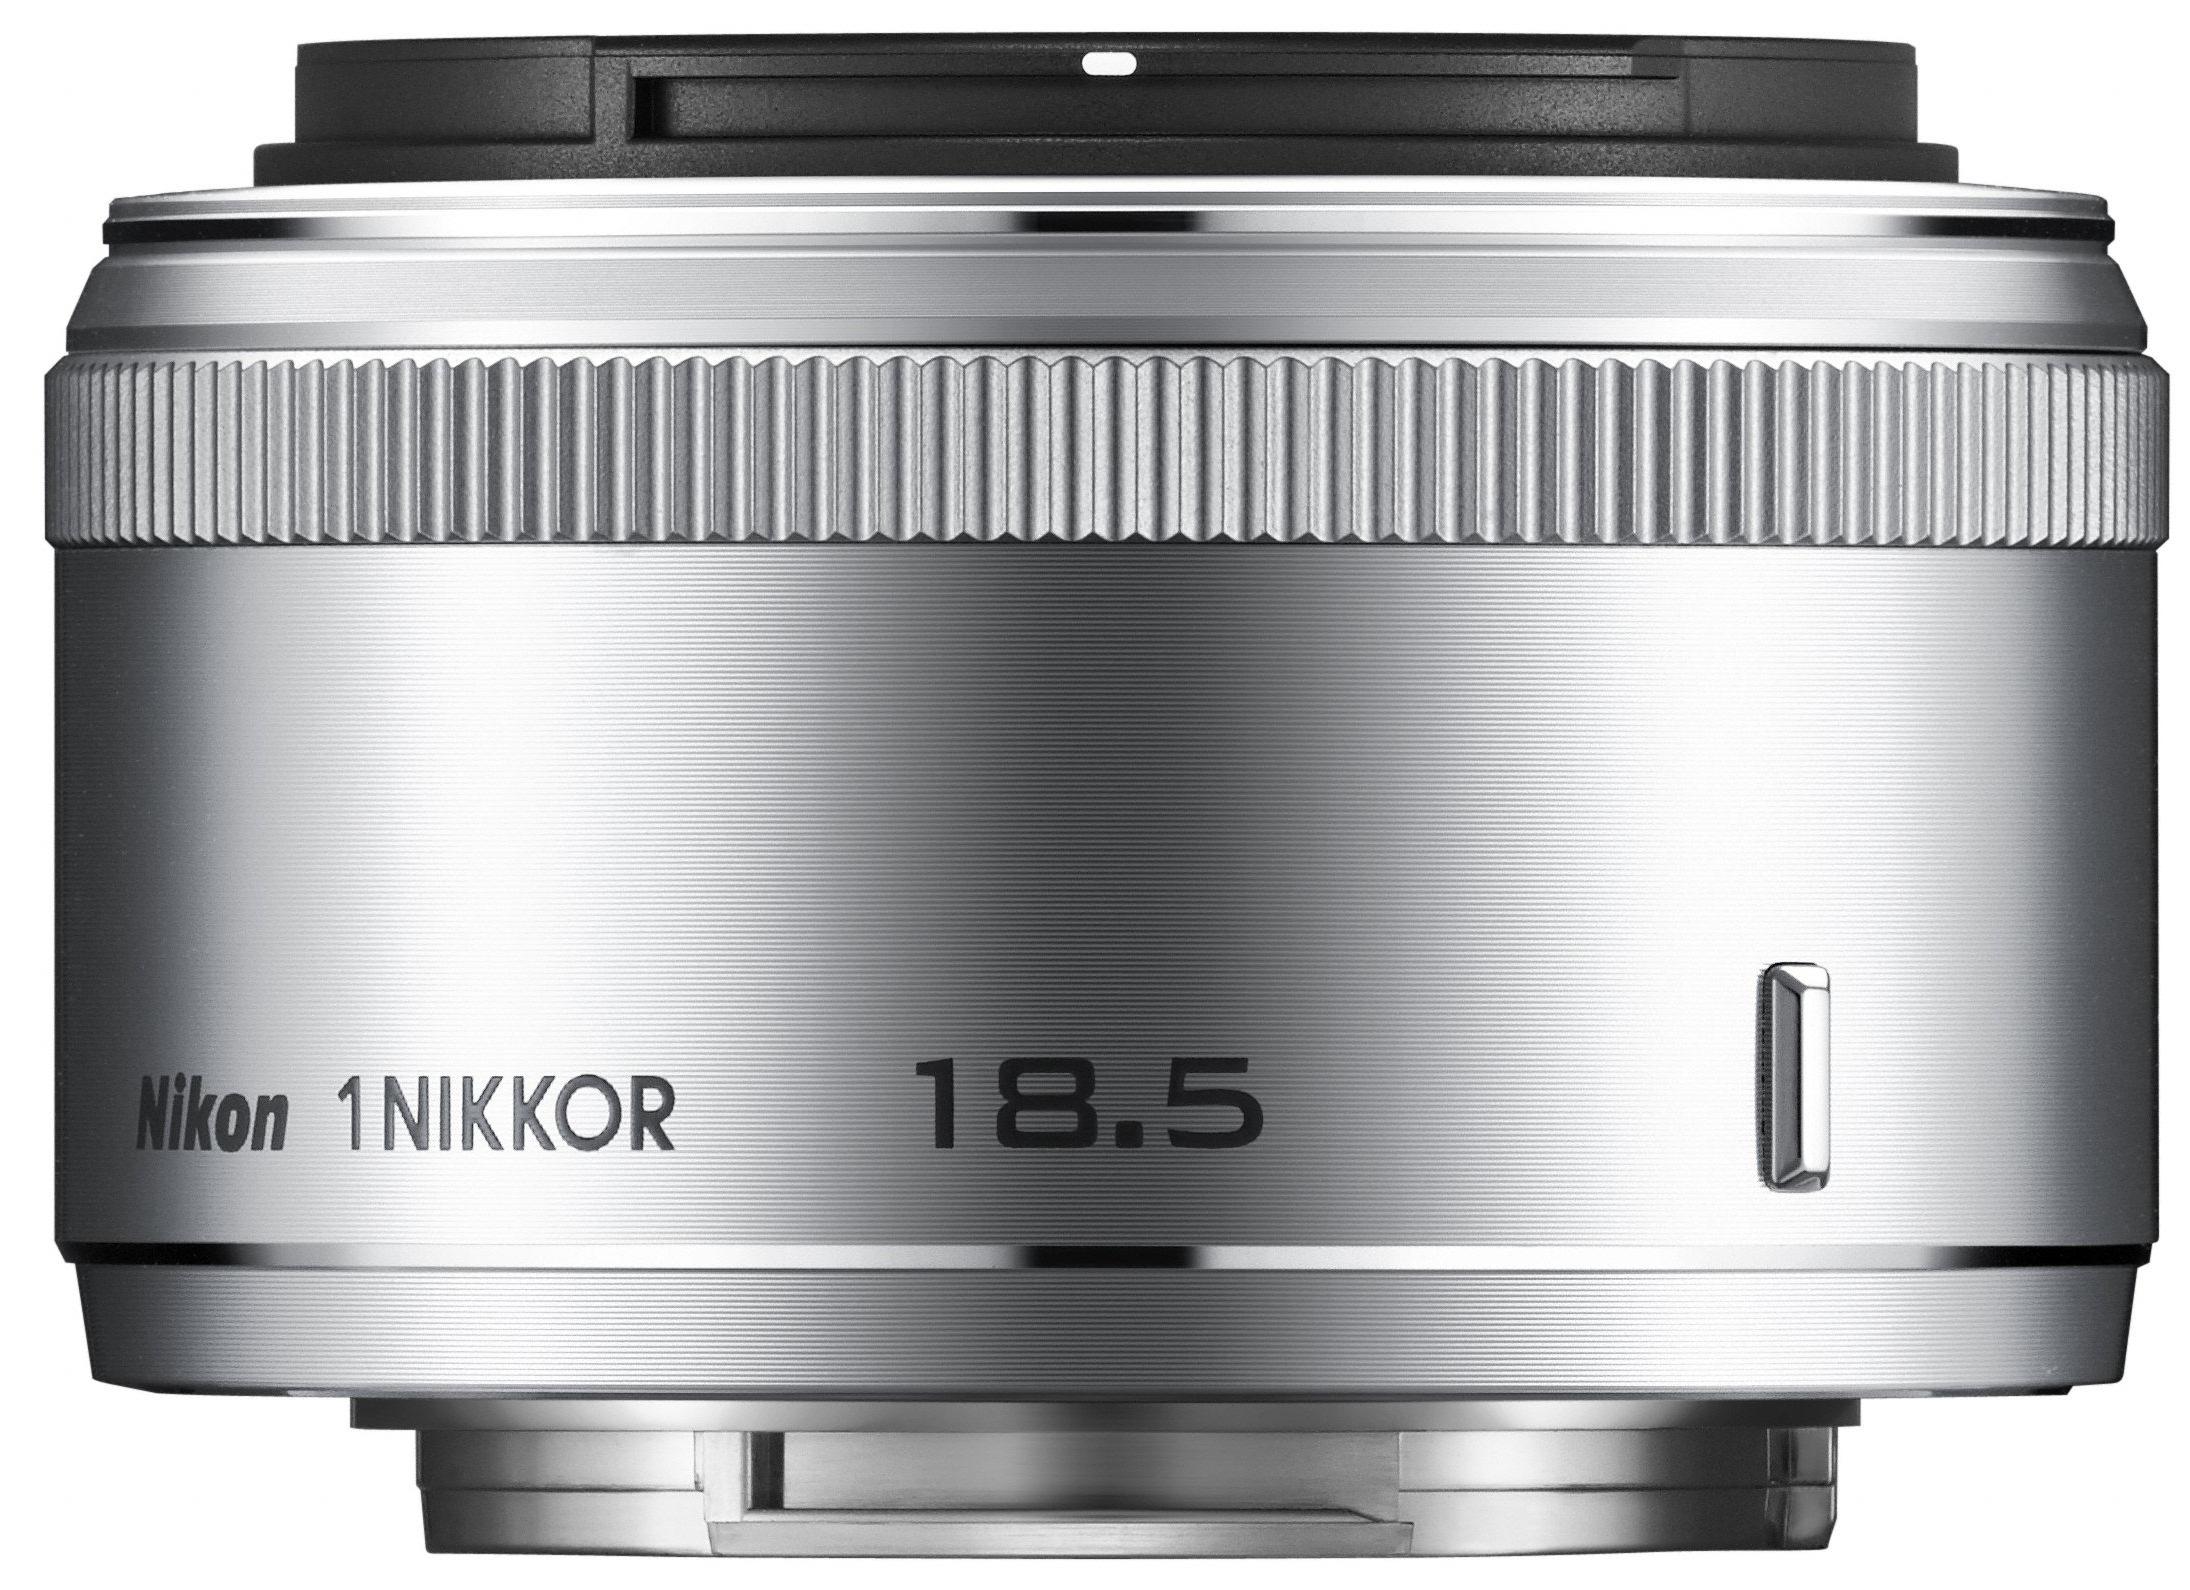 Black Nikon 1 NIKKOR 18.5mm f//1.8 Lens